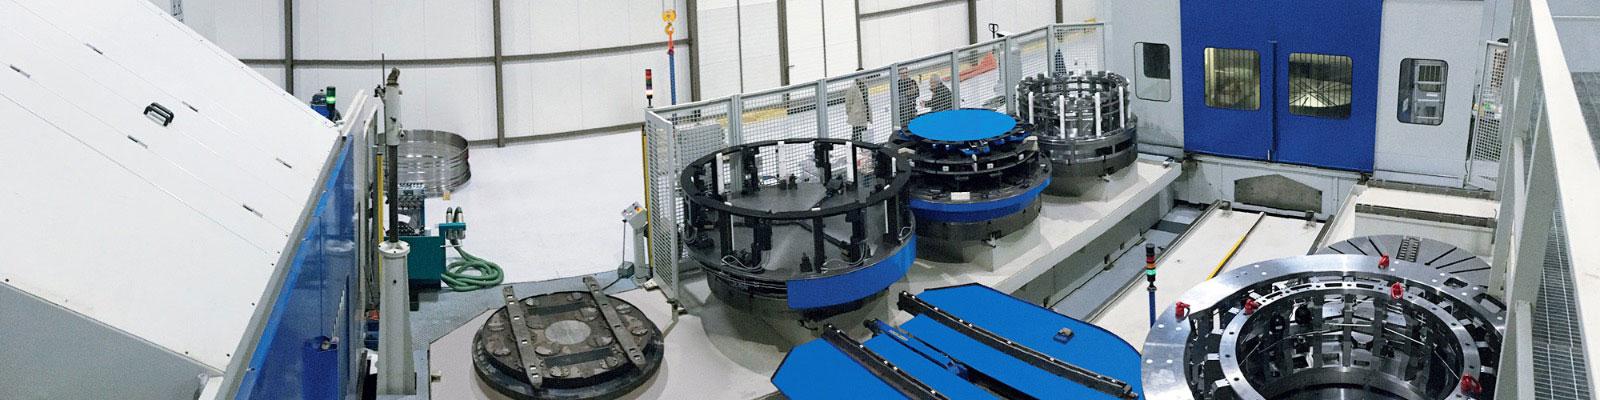 bordo-macchina-messa-funzione-manutenzione